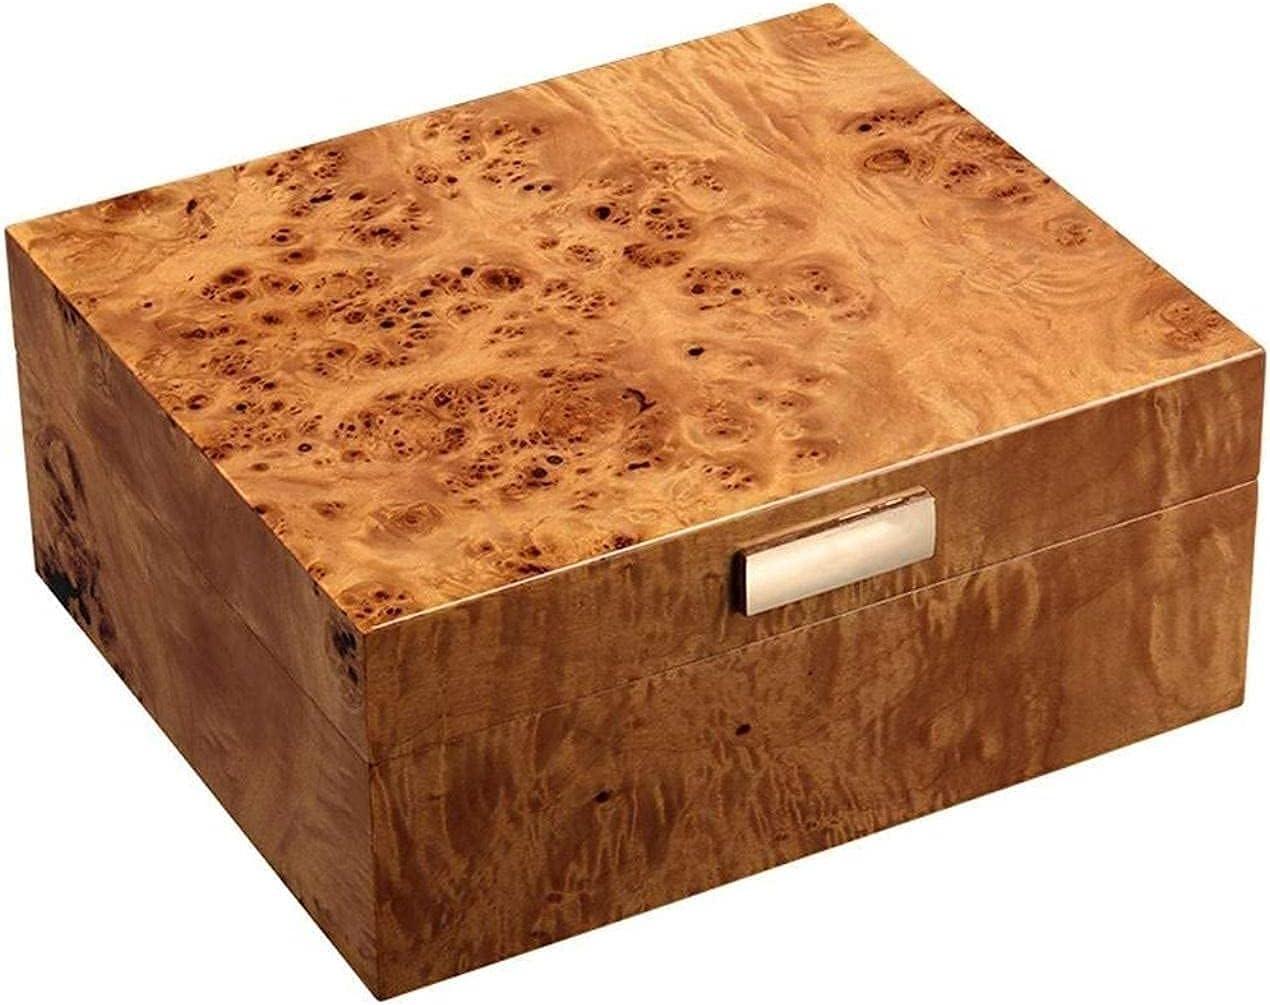 Max 43% OFF GRBD Cigar Accessories Wooden Box Mini Cigarette Port Max 54% OFF